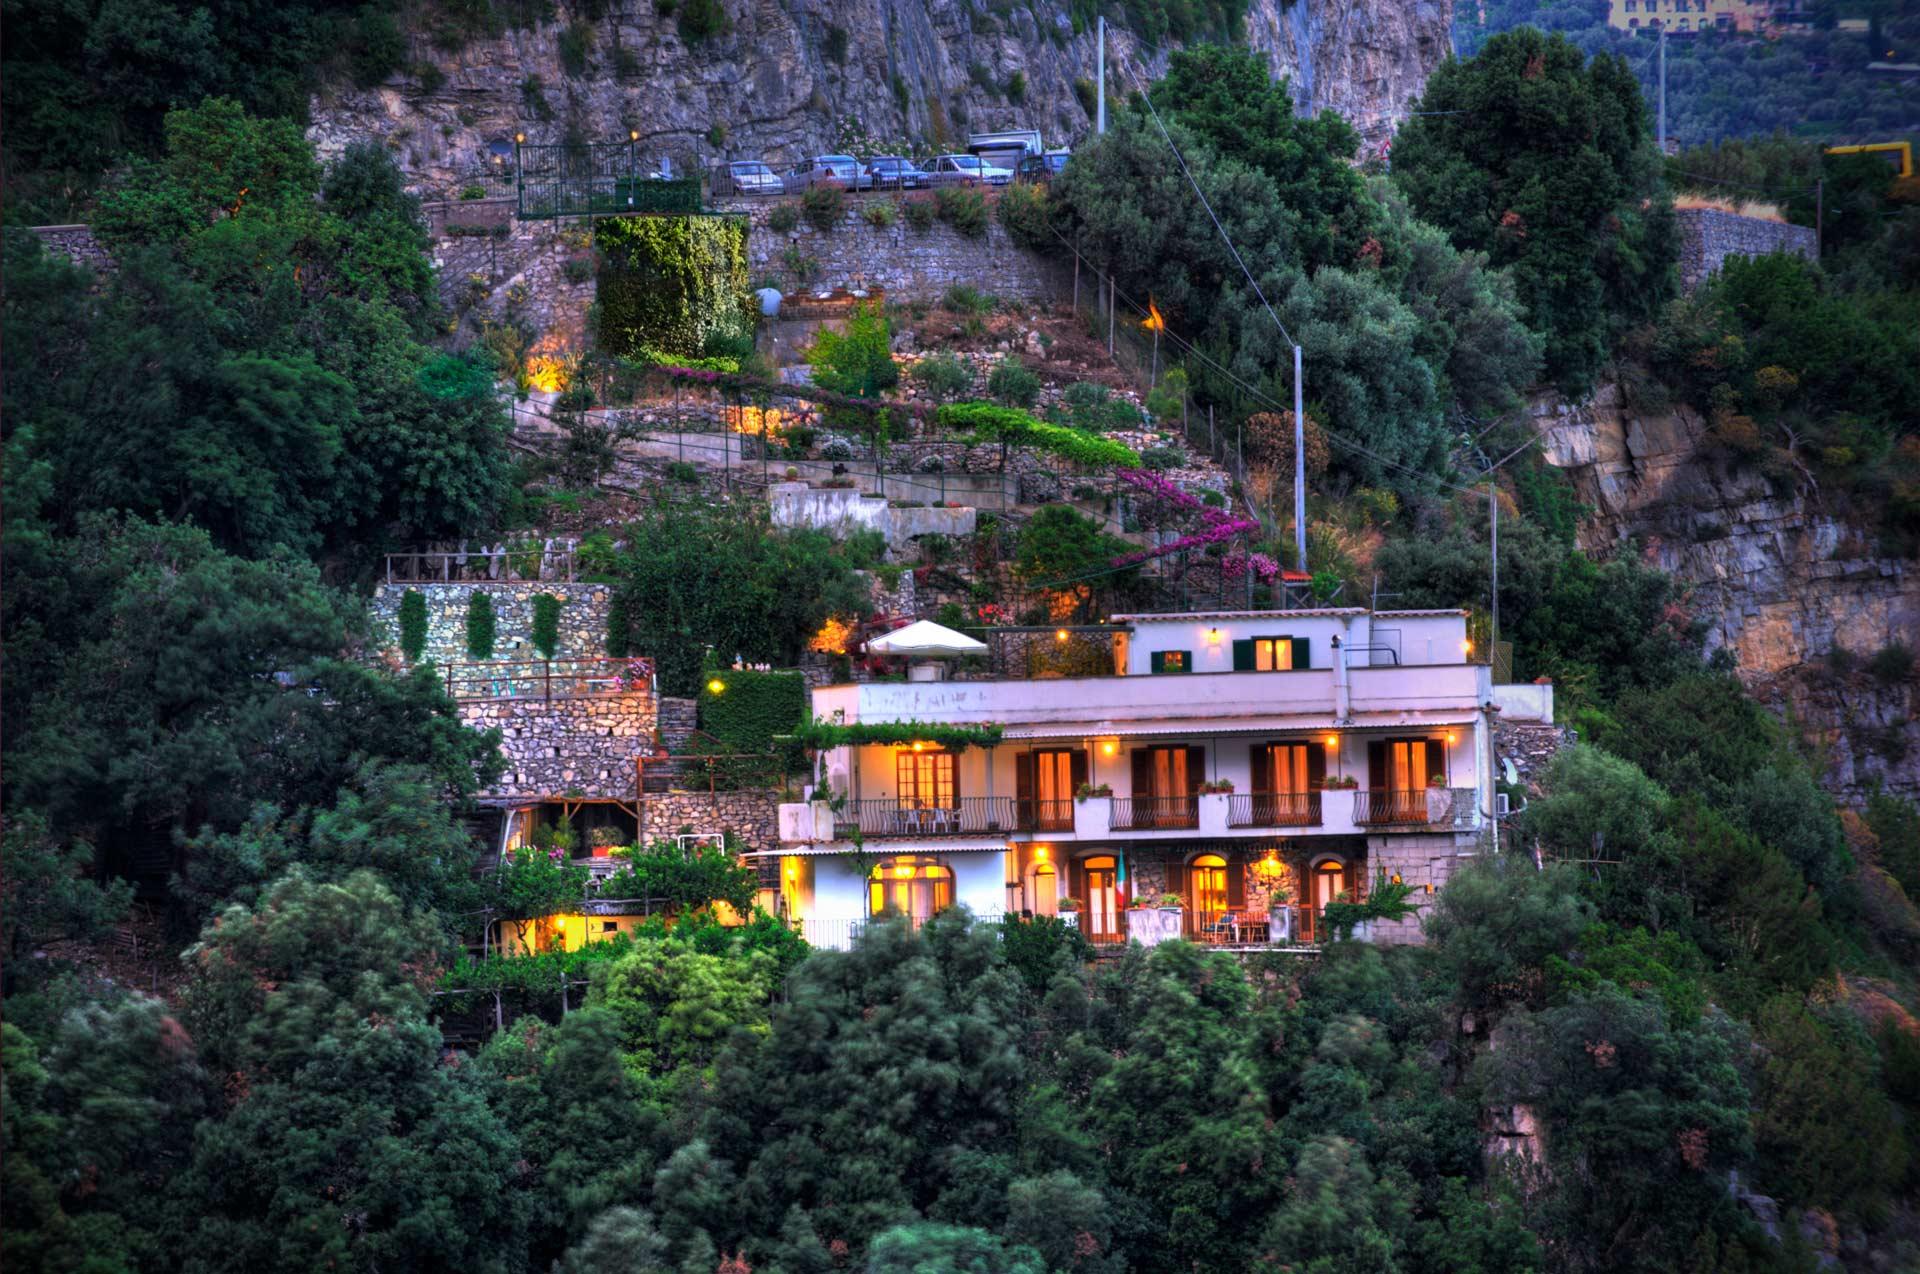 Villa at sunset